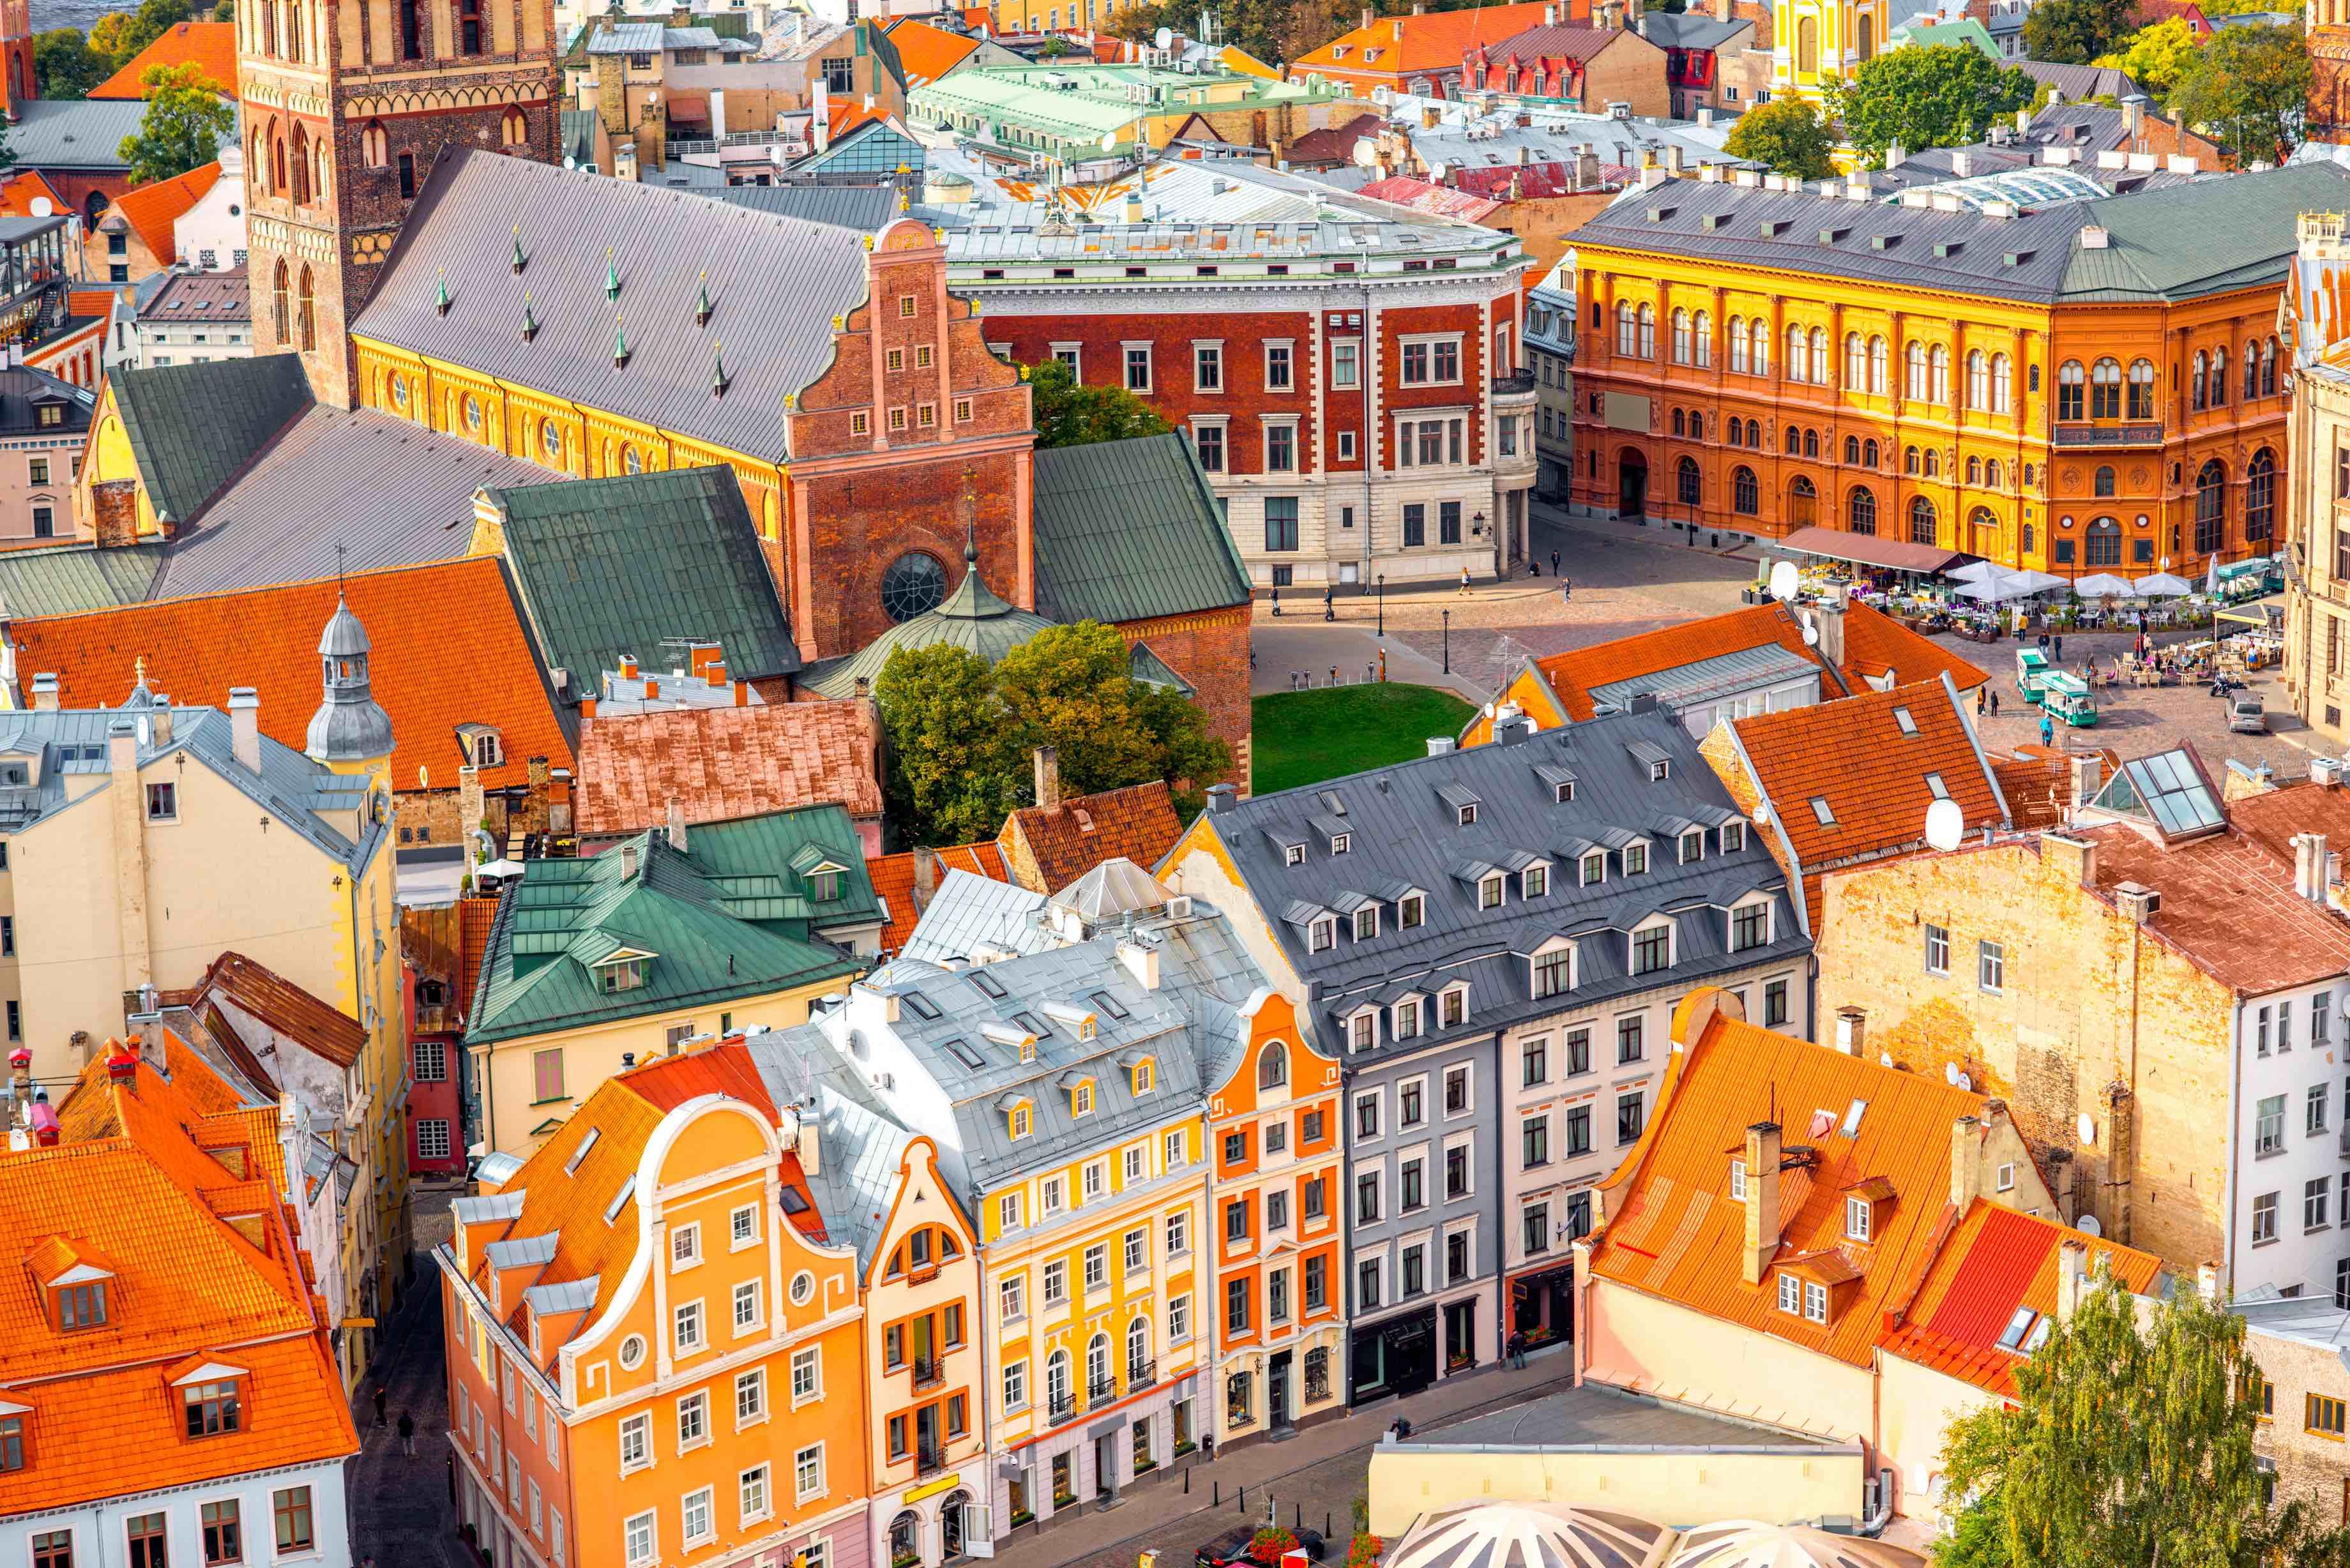 The vibrant streets of Riga, Latvia.